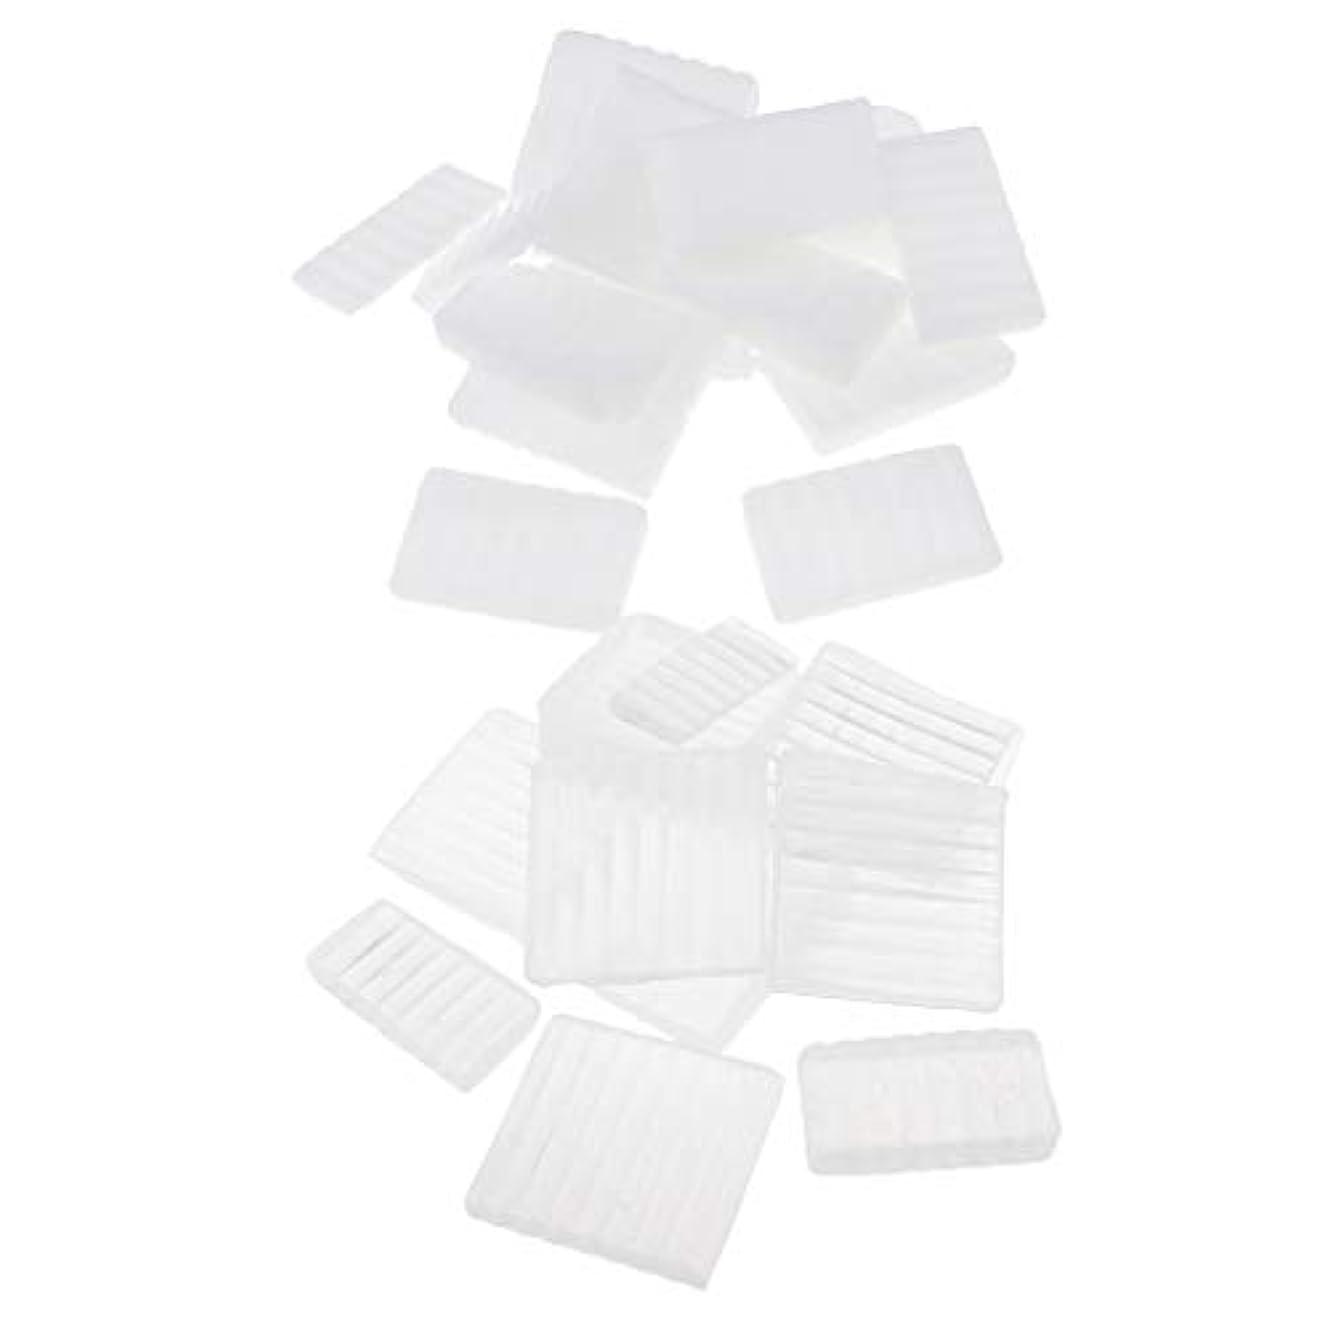 安定閲覧する競争力のあるソープベース 石鹸作り 手作りソープ素材 石けん 石鹸素地 作り ソープ 手作り